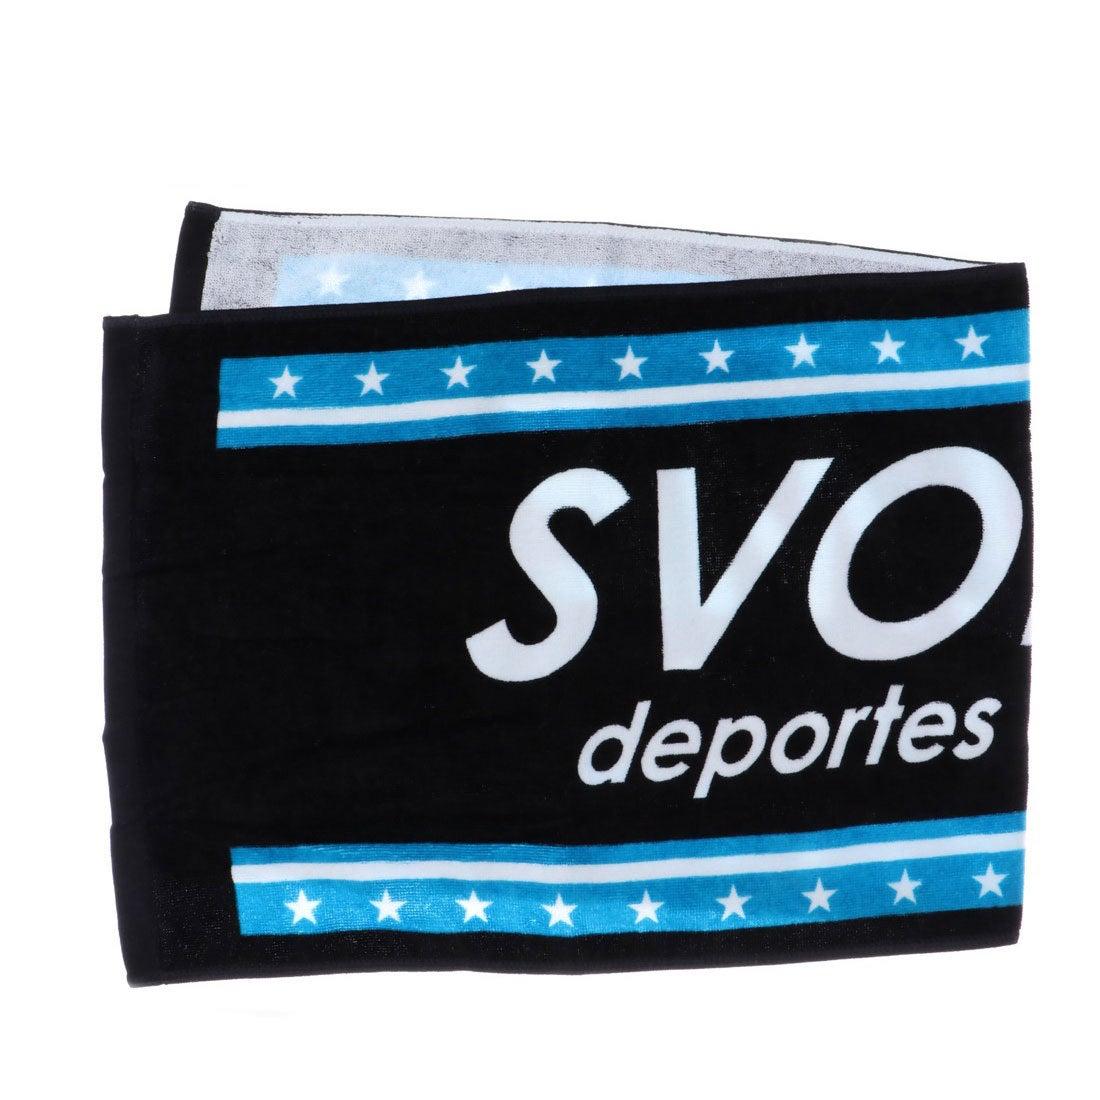 スボルメ SVOLME サッカー フットサル ウェア小物 スターフェイスタオル 181-68229